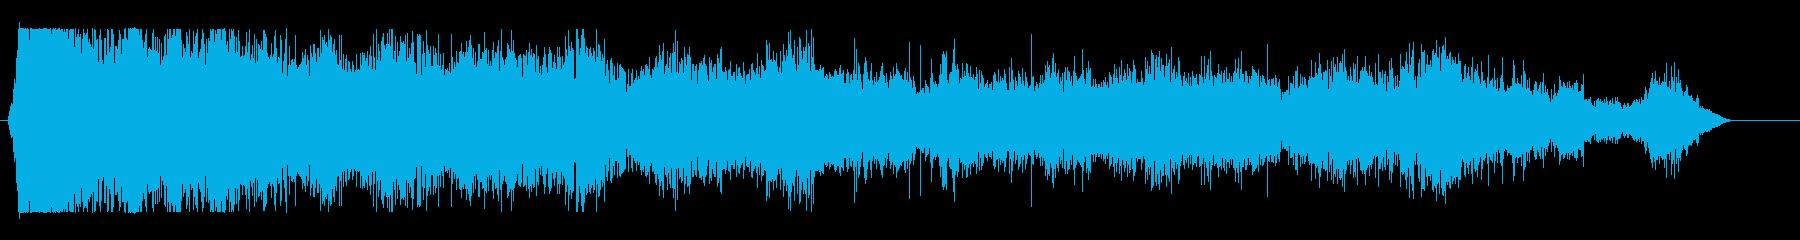 歩兵Ro音3; 1000人の男のR...の再生済みの波形